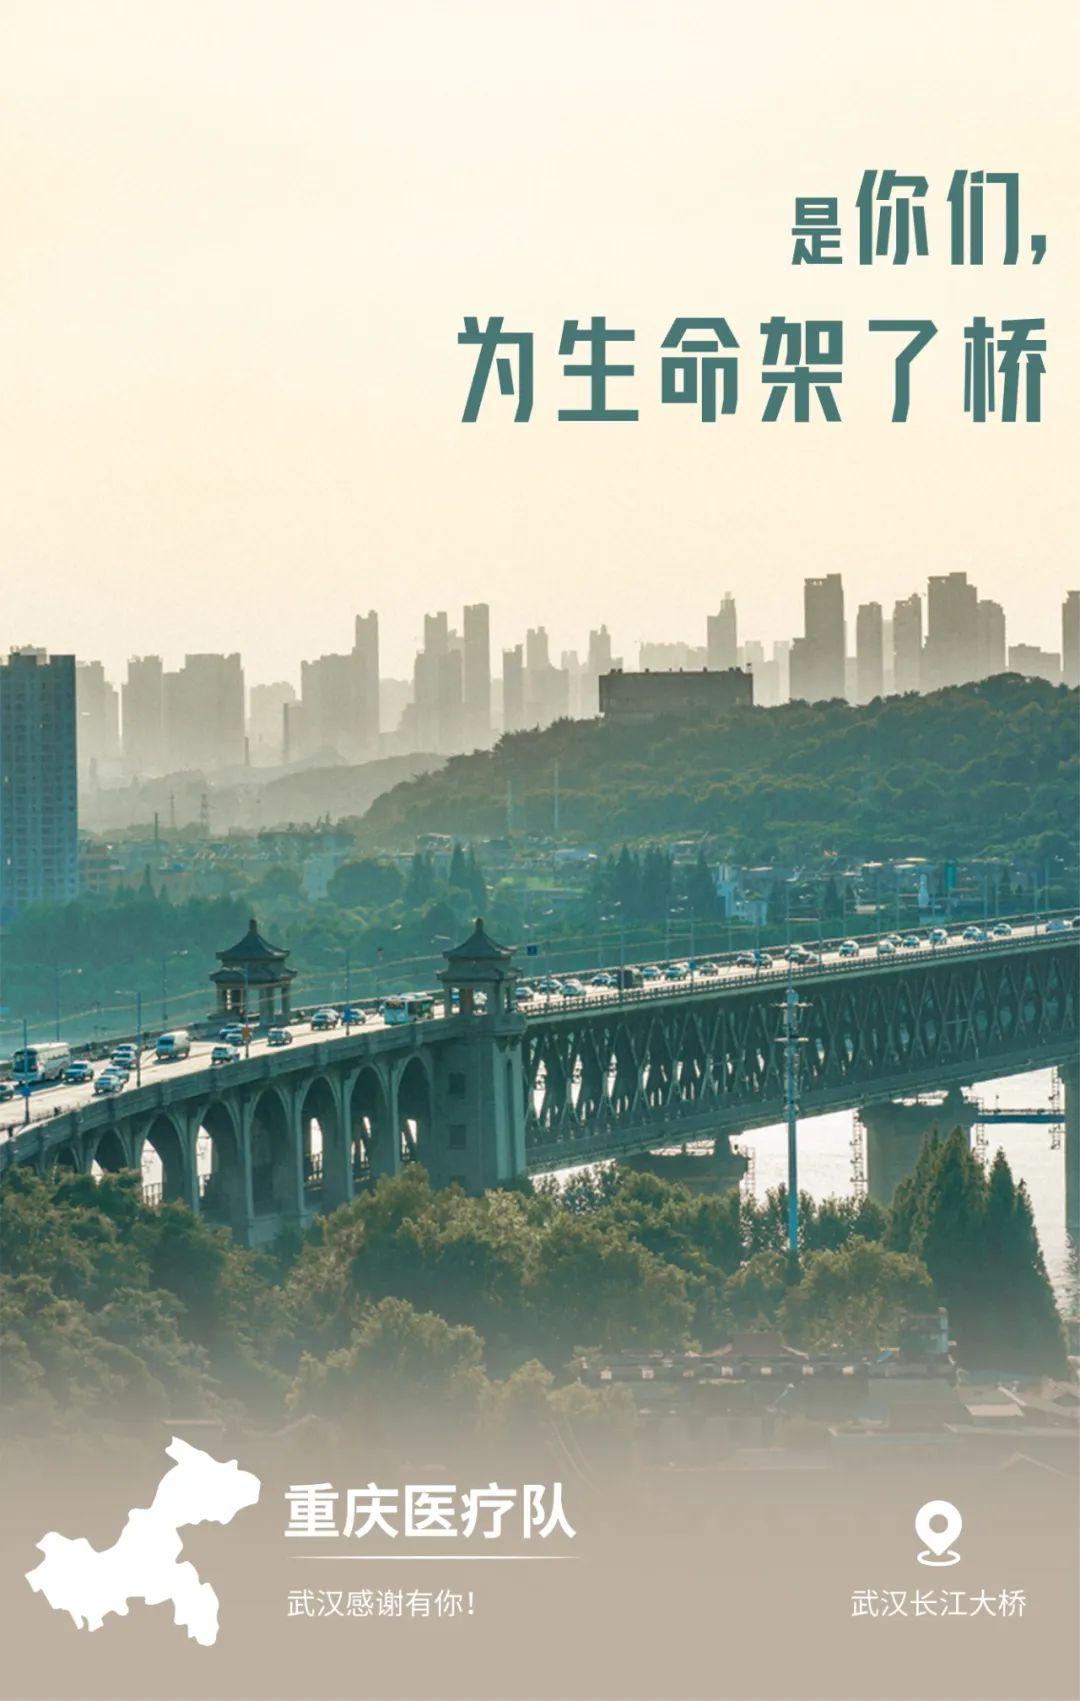 一顿暴哭!武汉用32张海报,对32个支援地区说谢谢